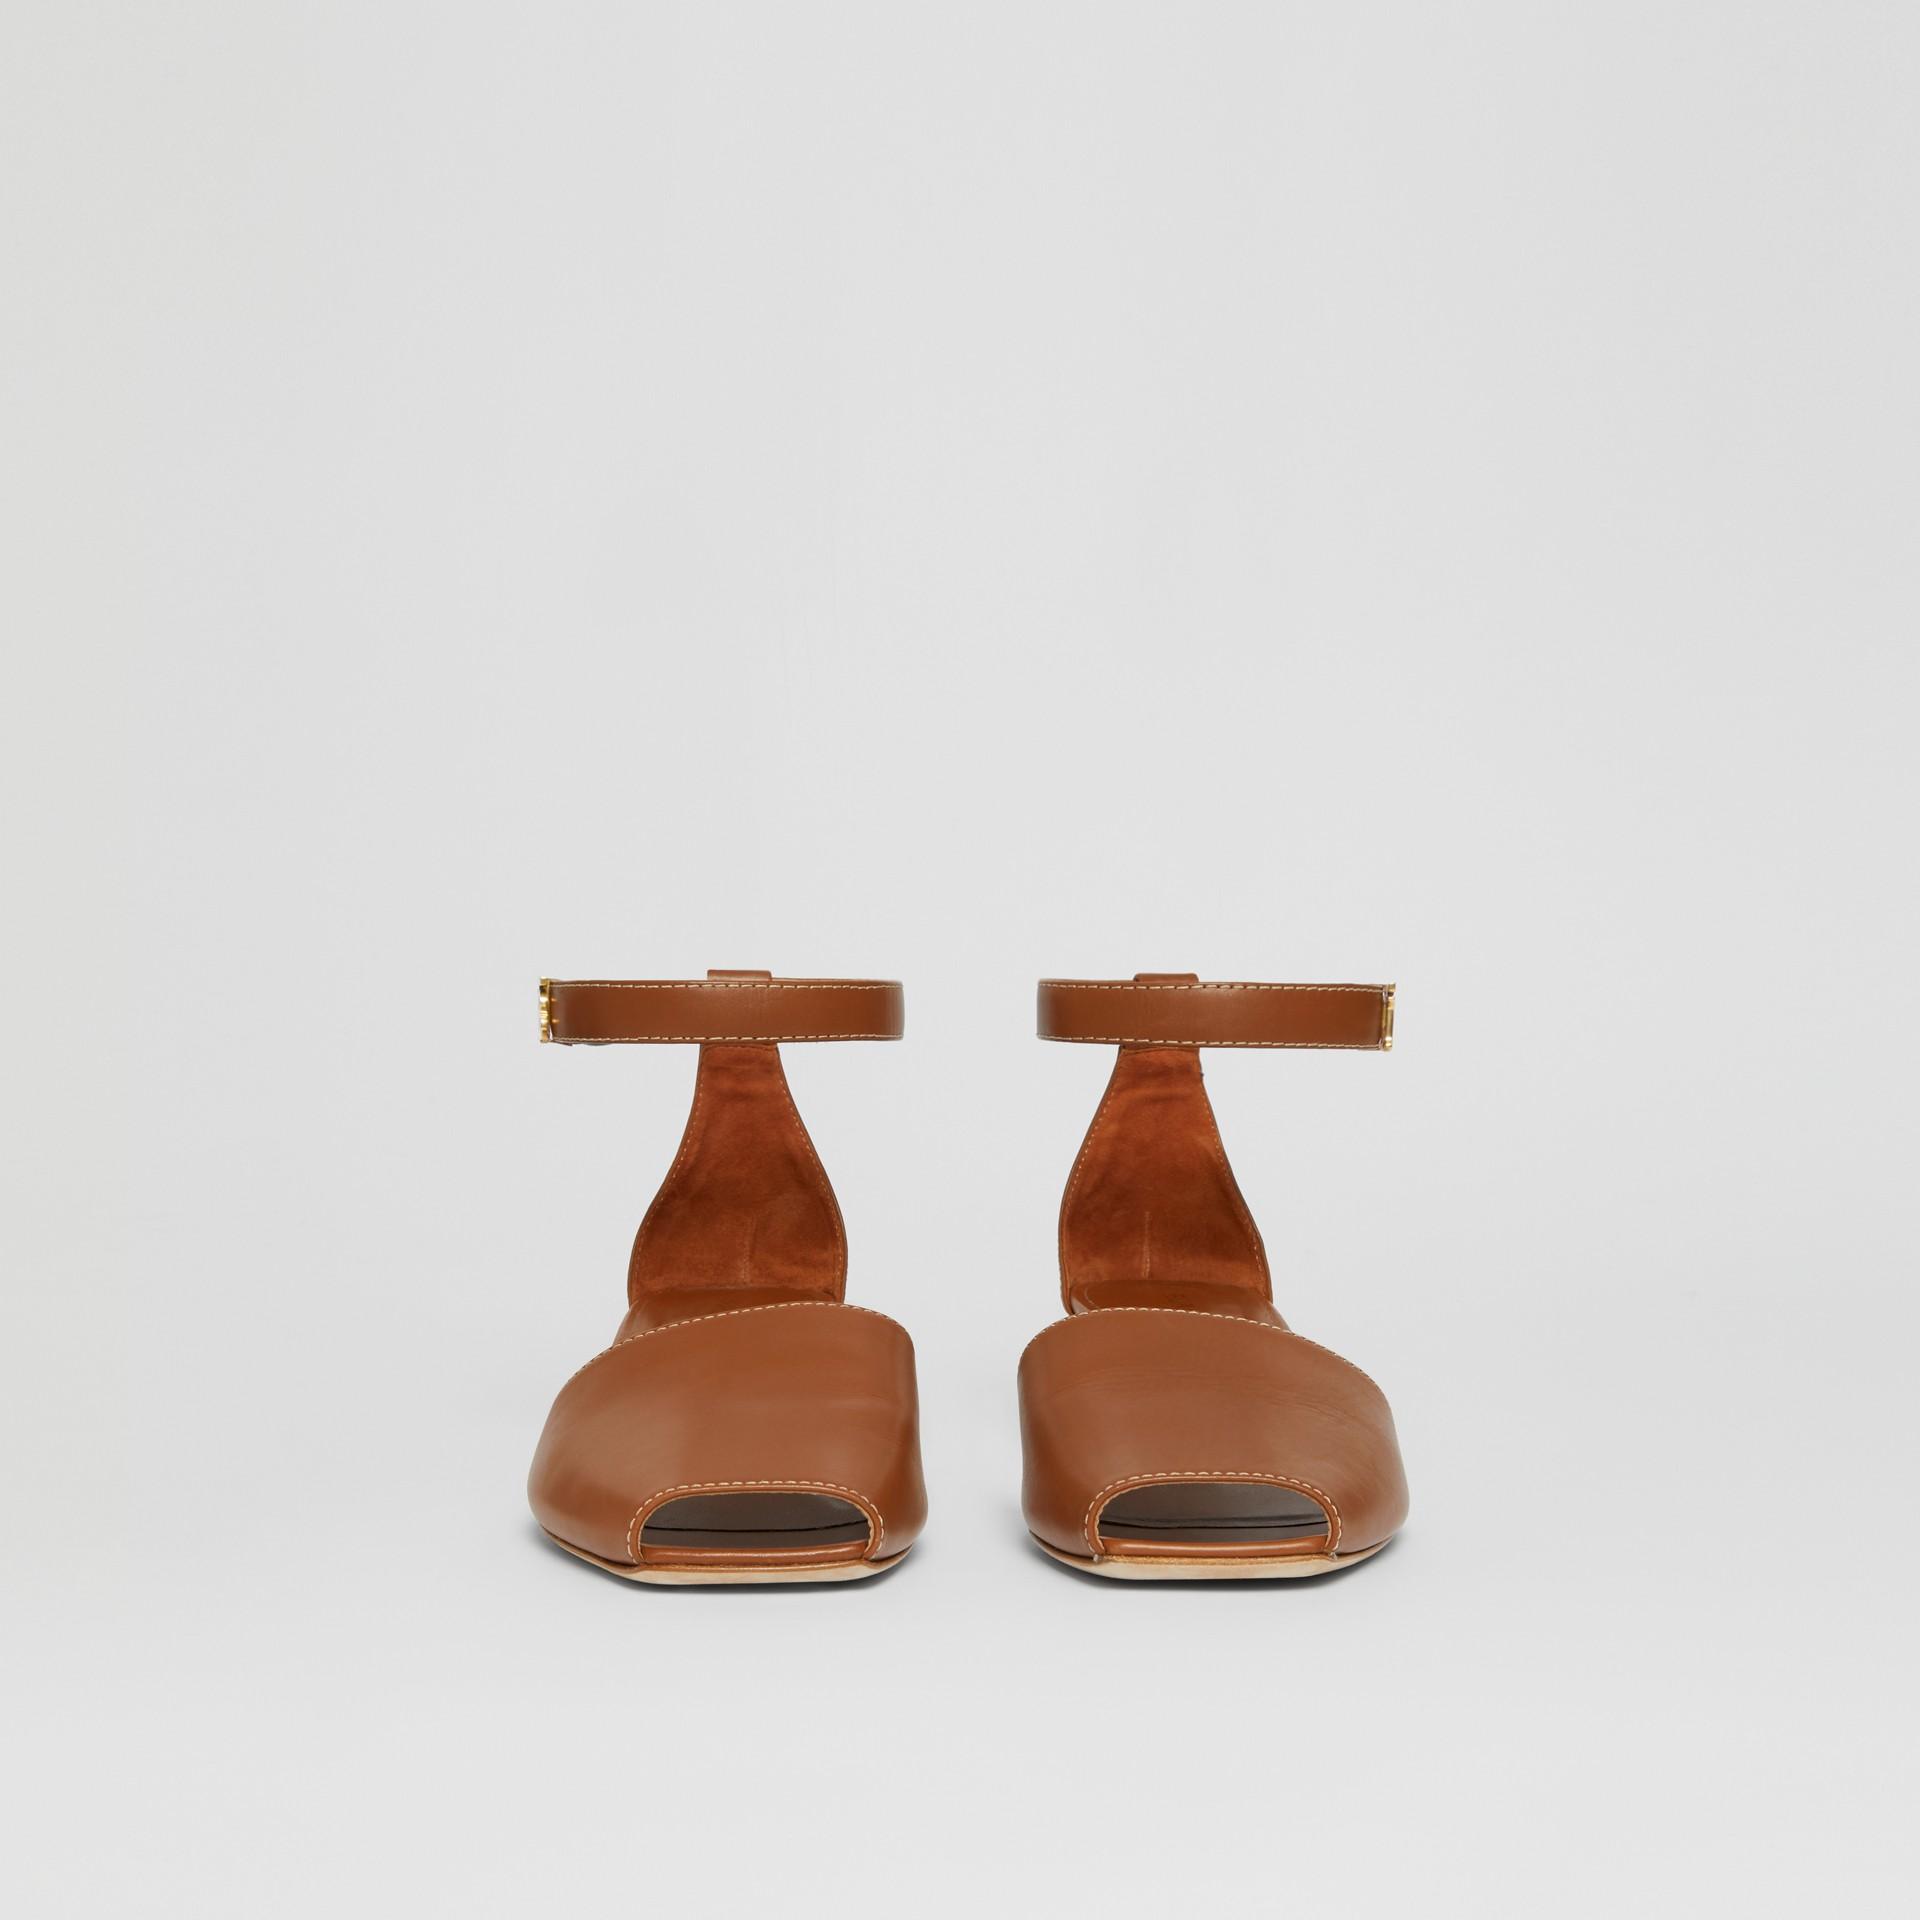 Monogram Motif Leather Kitten-heel Sandals in Tan - Women | Burberry - gallery image 3